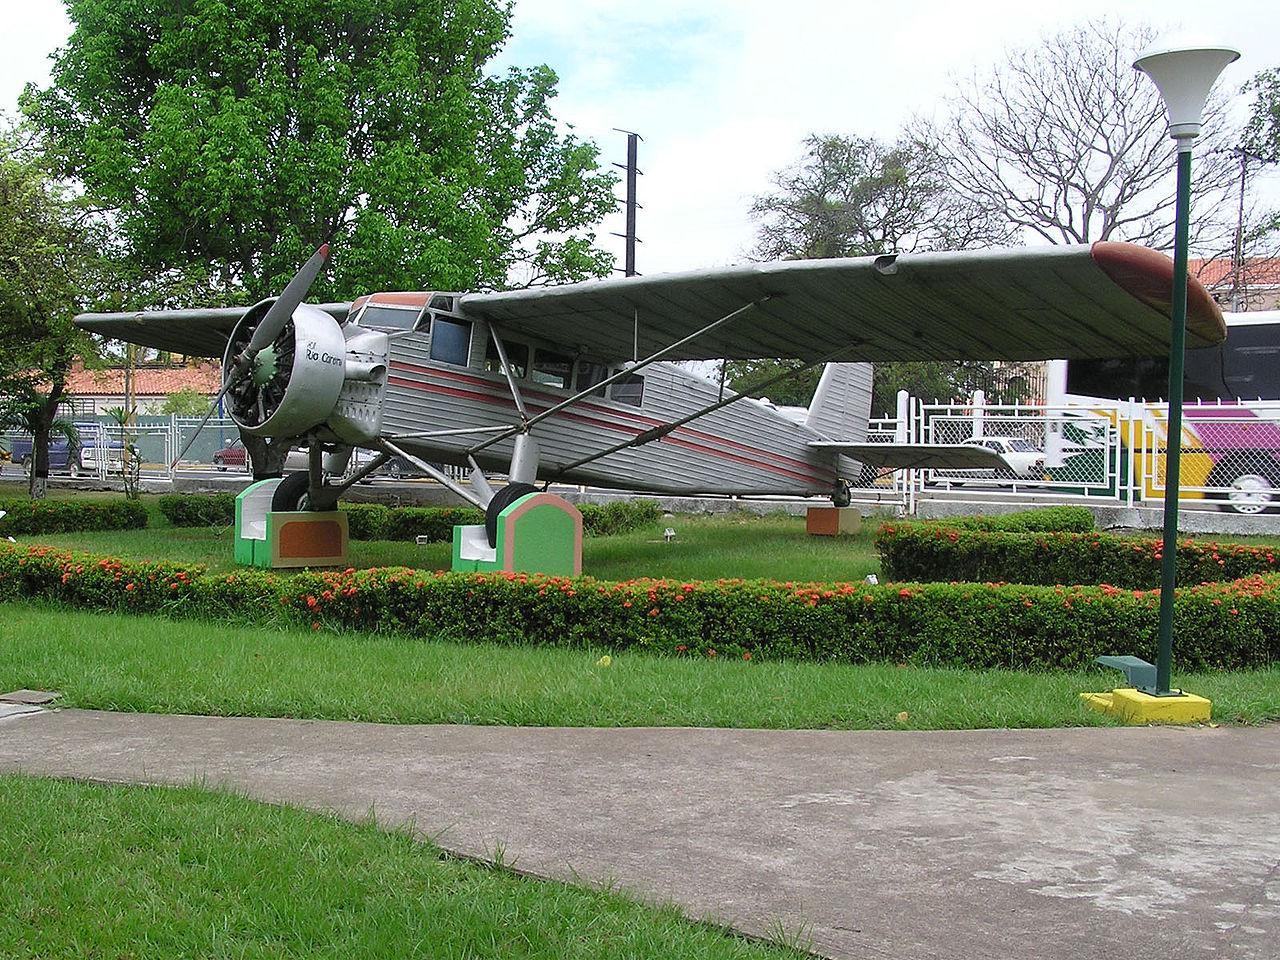 Самолёт, на котором Джеймс Эйнджел достиг водопада Анхель